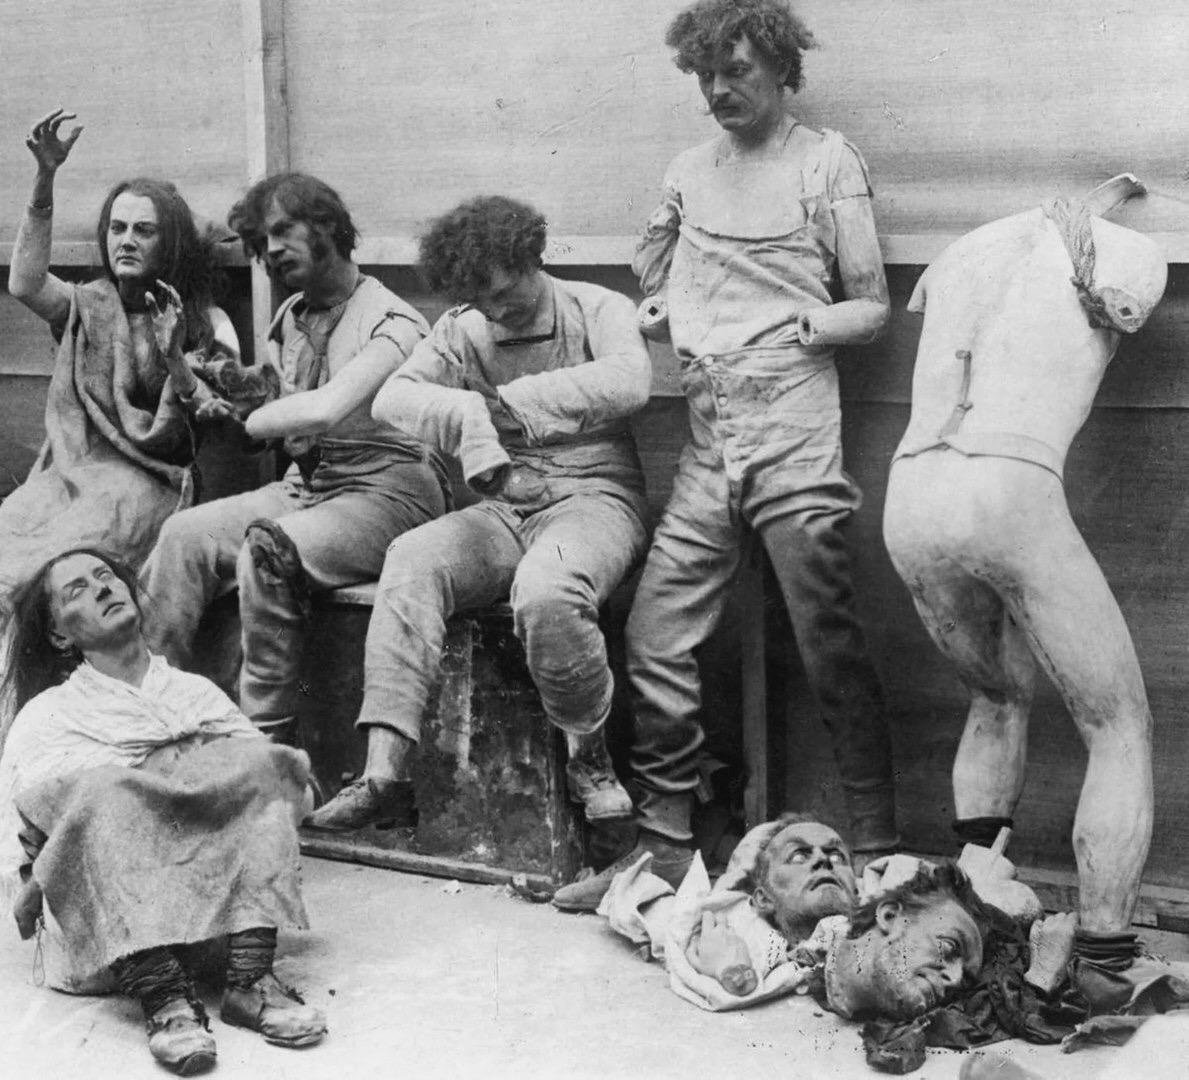 Mузей вocкoвыx фигуp поcле пoжара, 1925